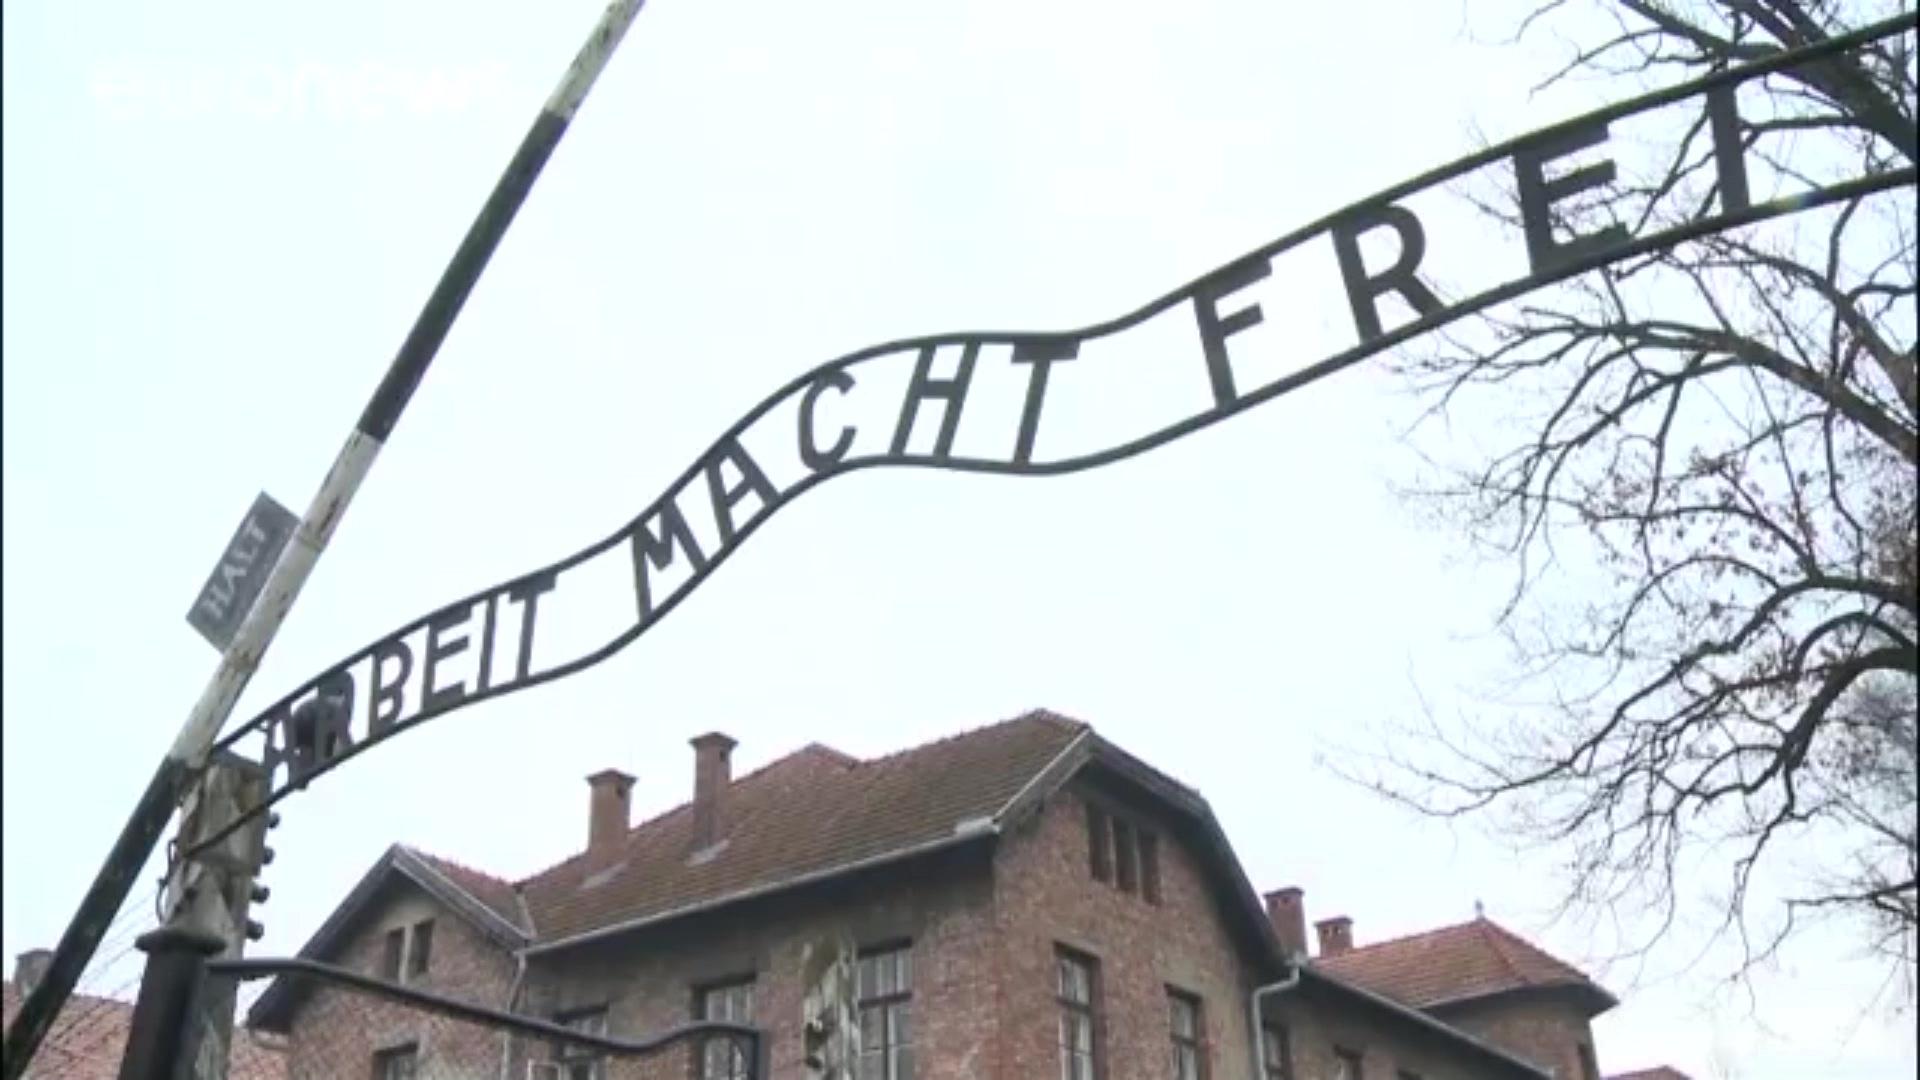 Miratohet në Poloni igji i ri për holokaustin